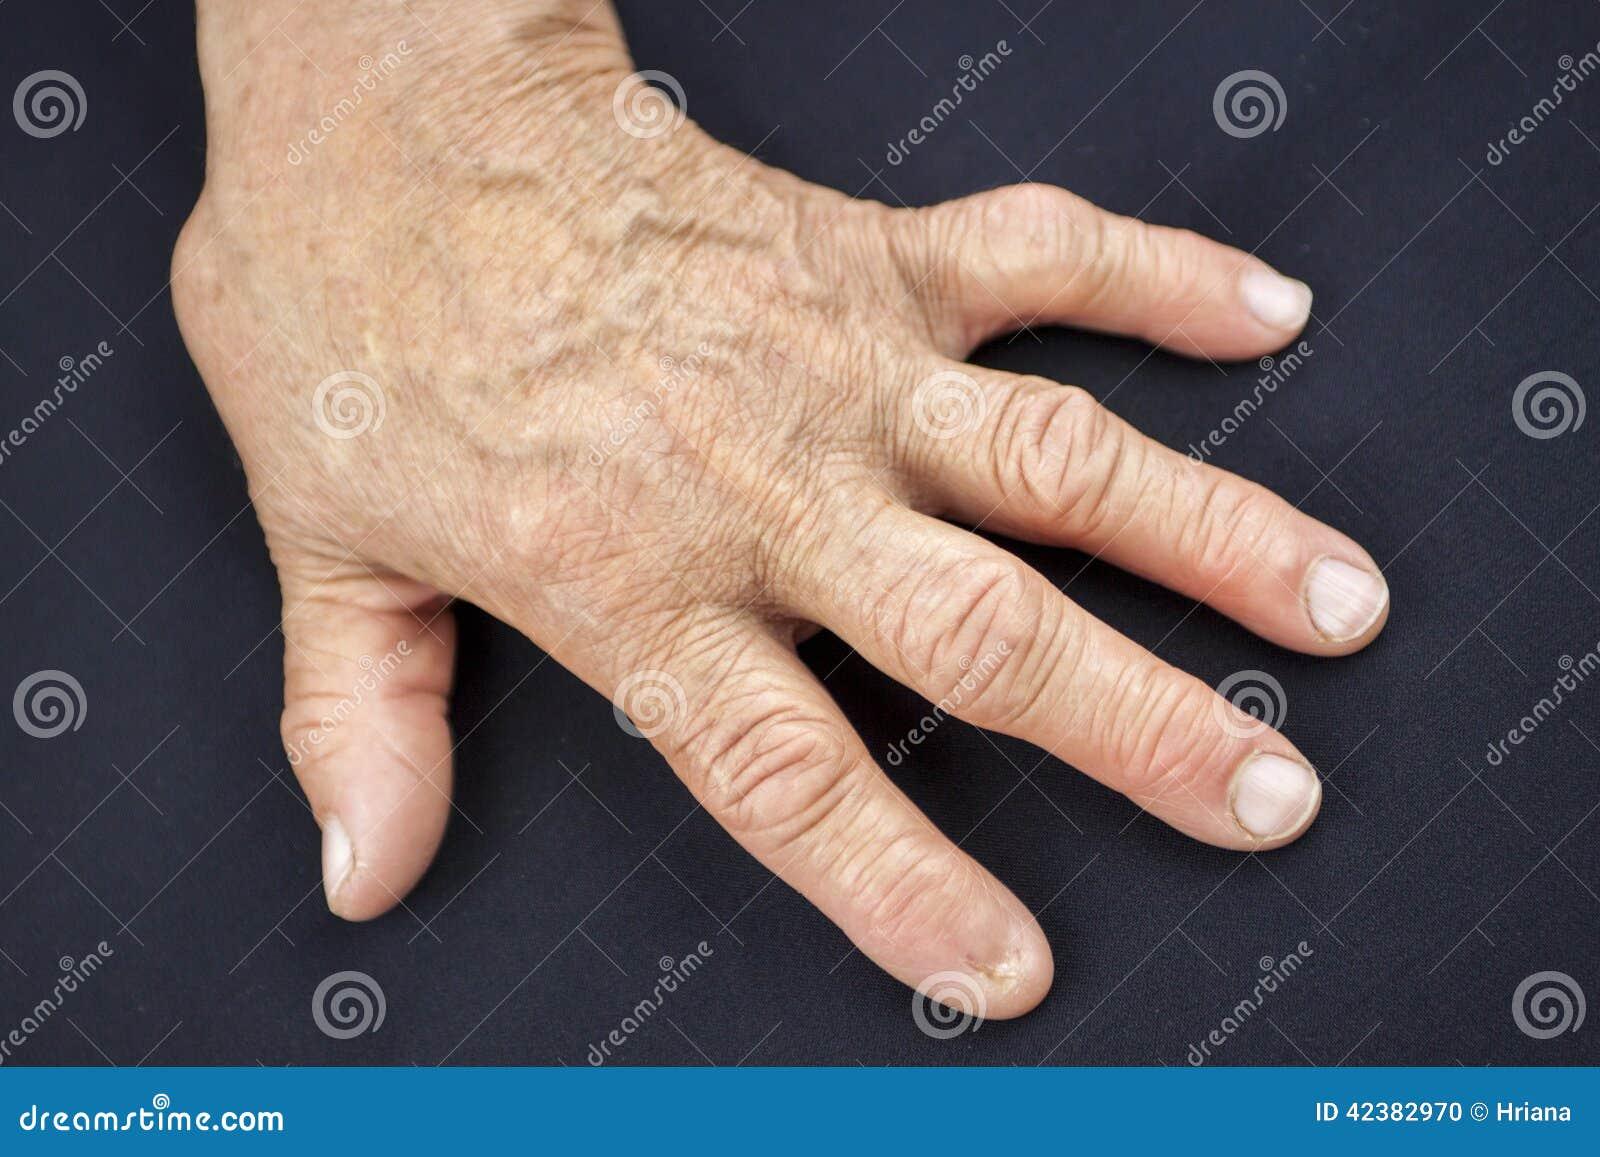 Палец руки без ногтя 19